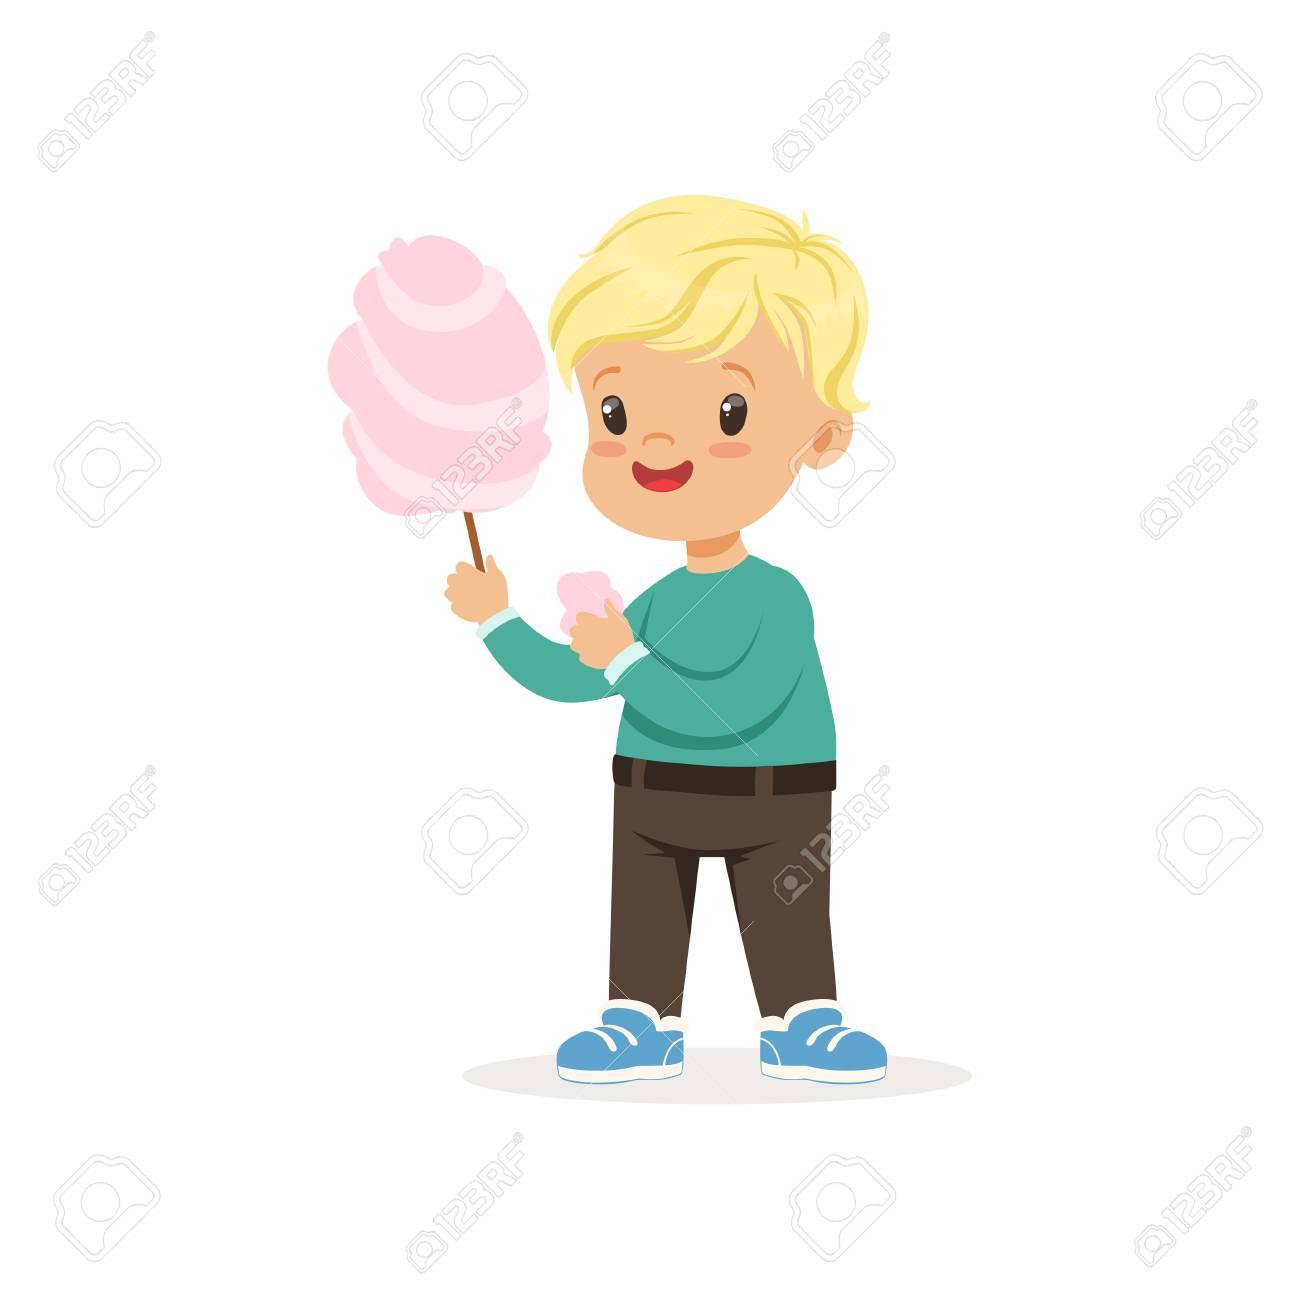 Illustration Du Petit Garçon Blond Avec Des Bonbons En Coton Doux Personnage De Dessin Animé Enfant Portant Un Pull Vert Et Un Pantalon Marron